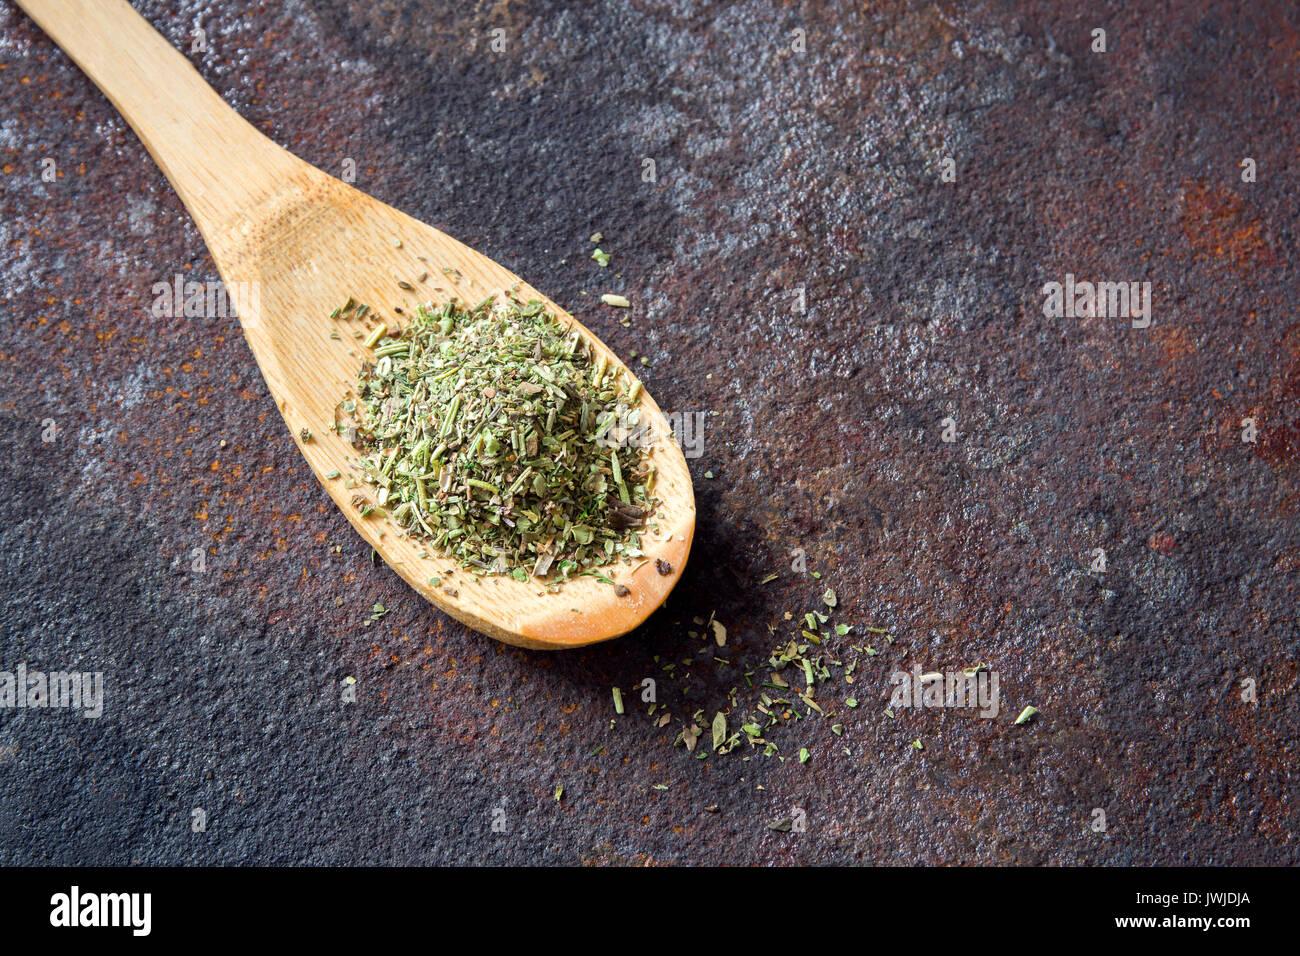 Misto di erbe italiane condimento su metallo rustico sfondo, copia dello spazio. Le erbe aromatiche essiccate stagionatura, un ingrediente sano per cucinare. Immagini Stock